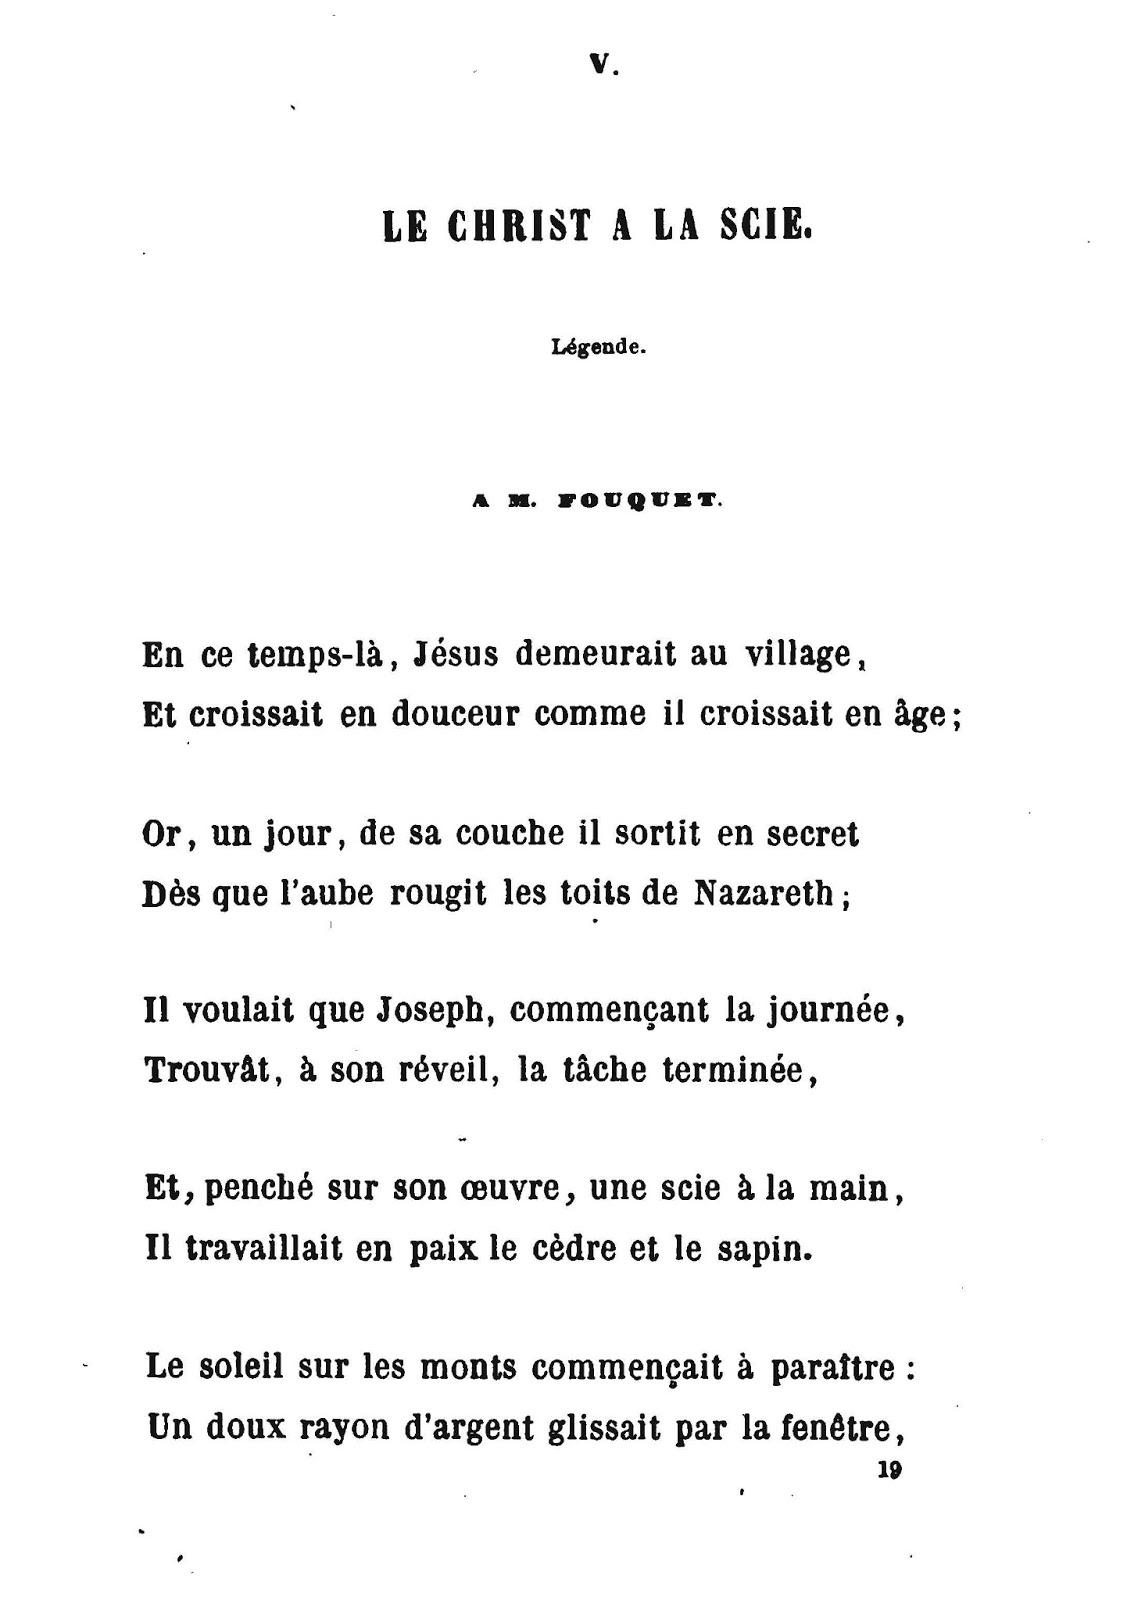 poesie 15 vers